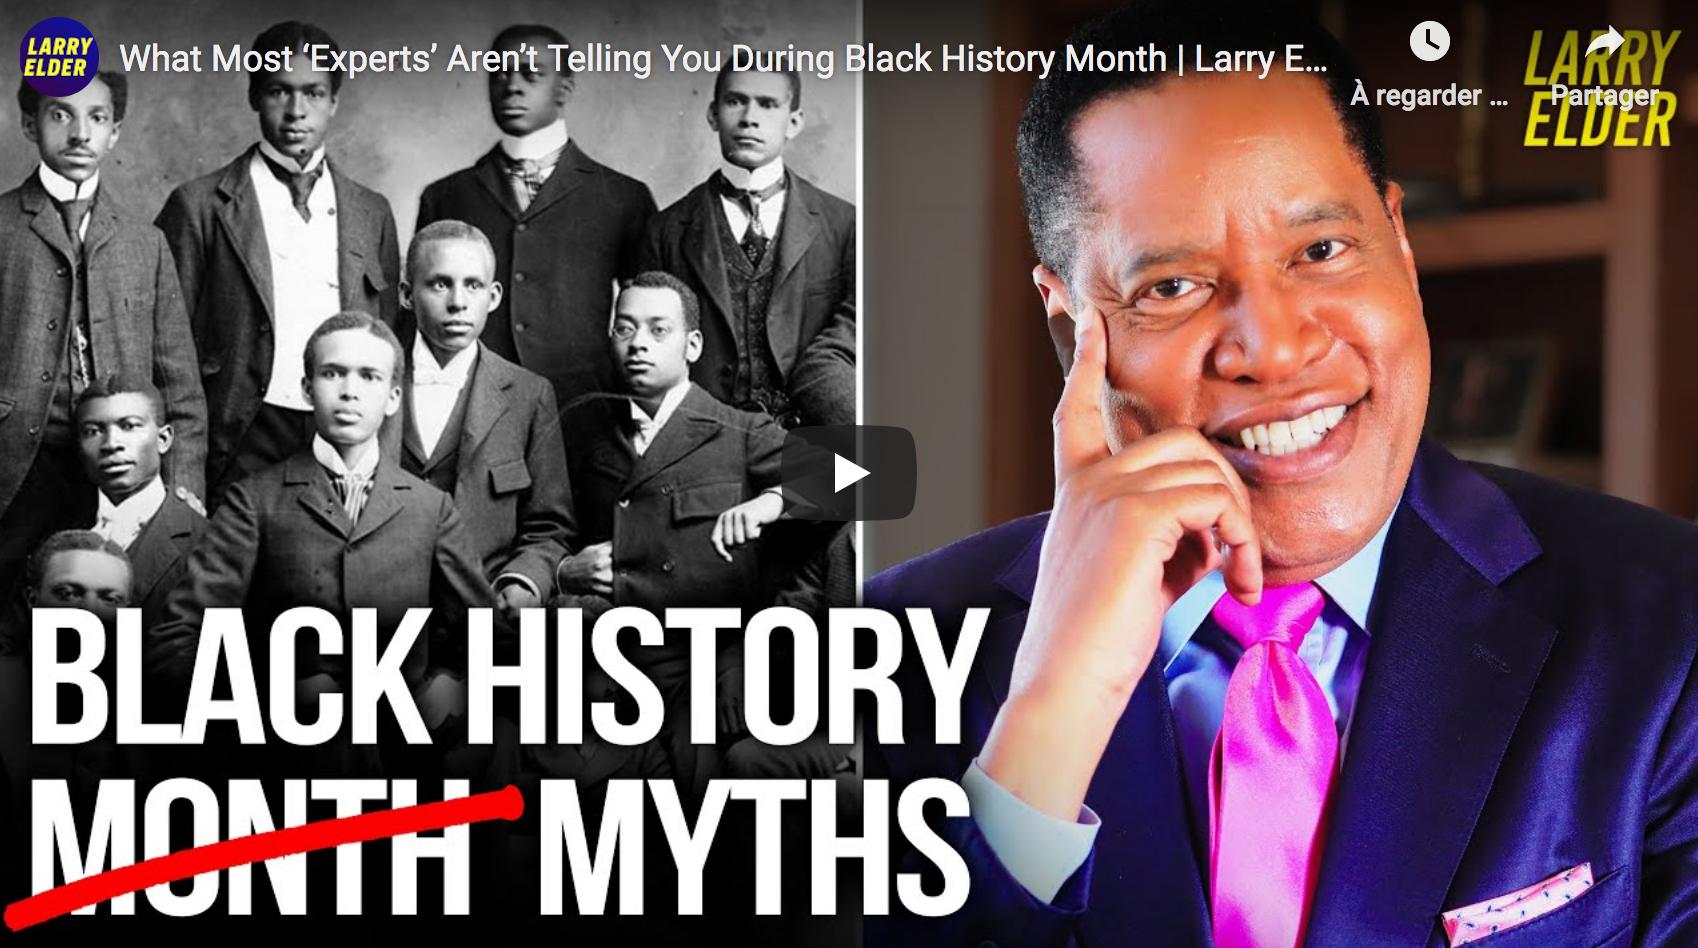 Les mythes de l'histoire des Noirs (Larry Elder, IN ENGLISH)